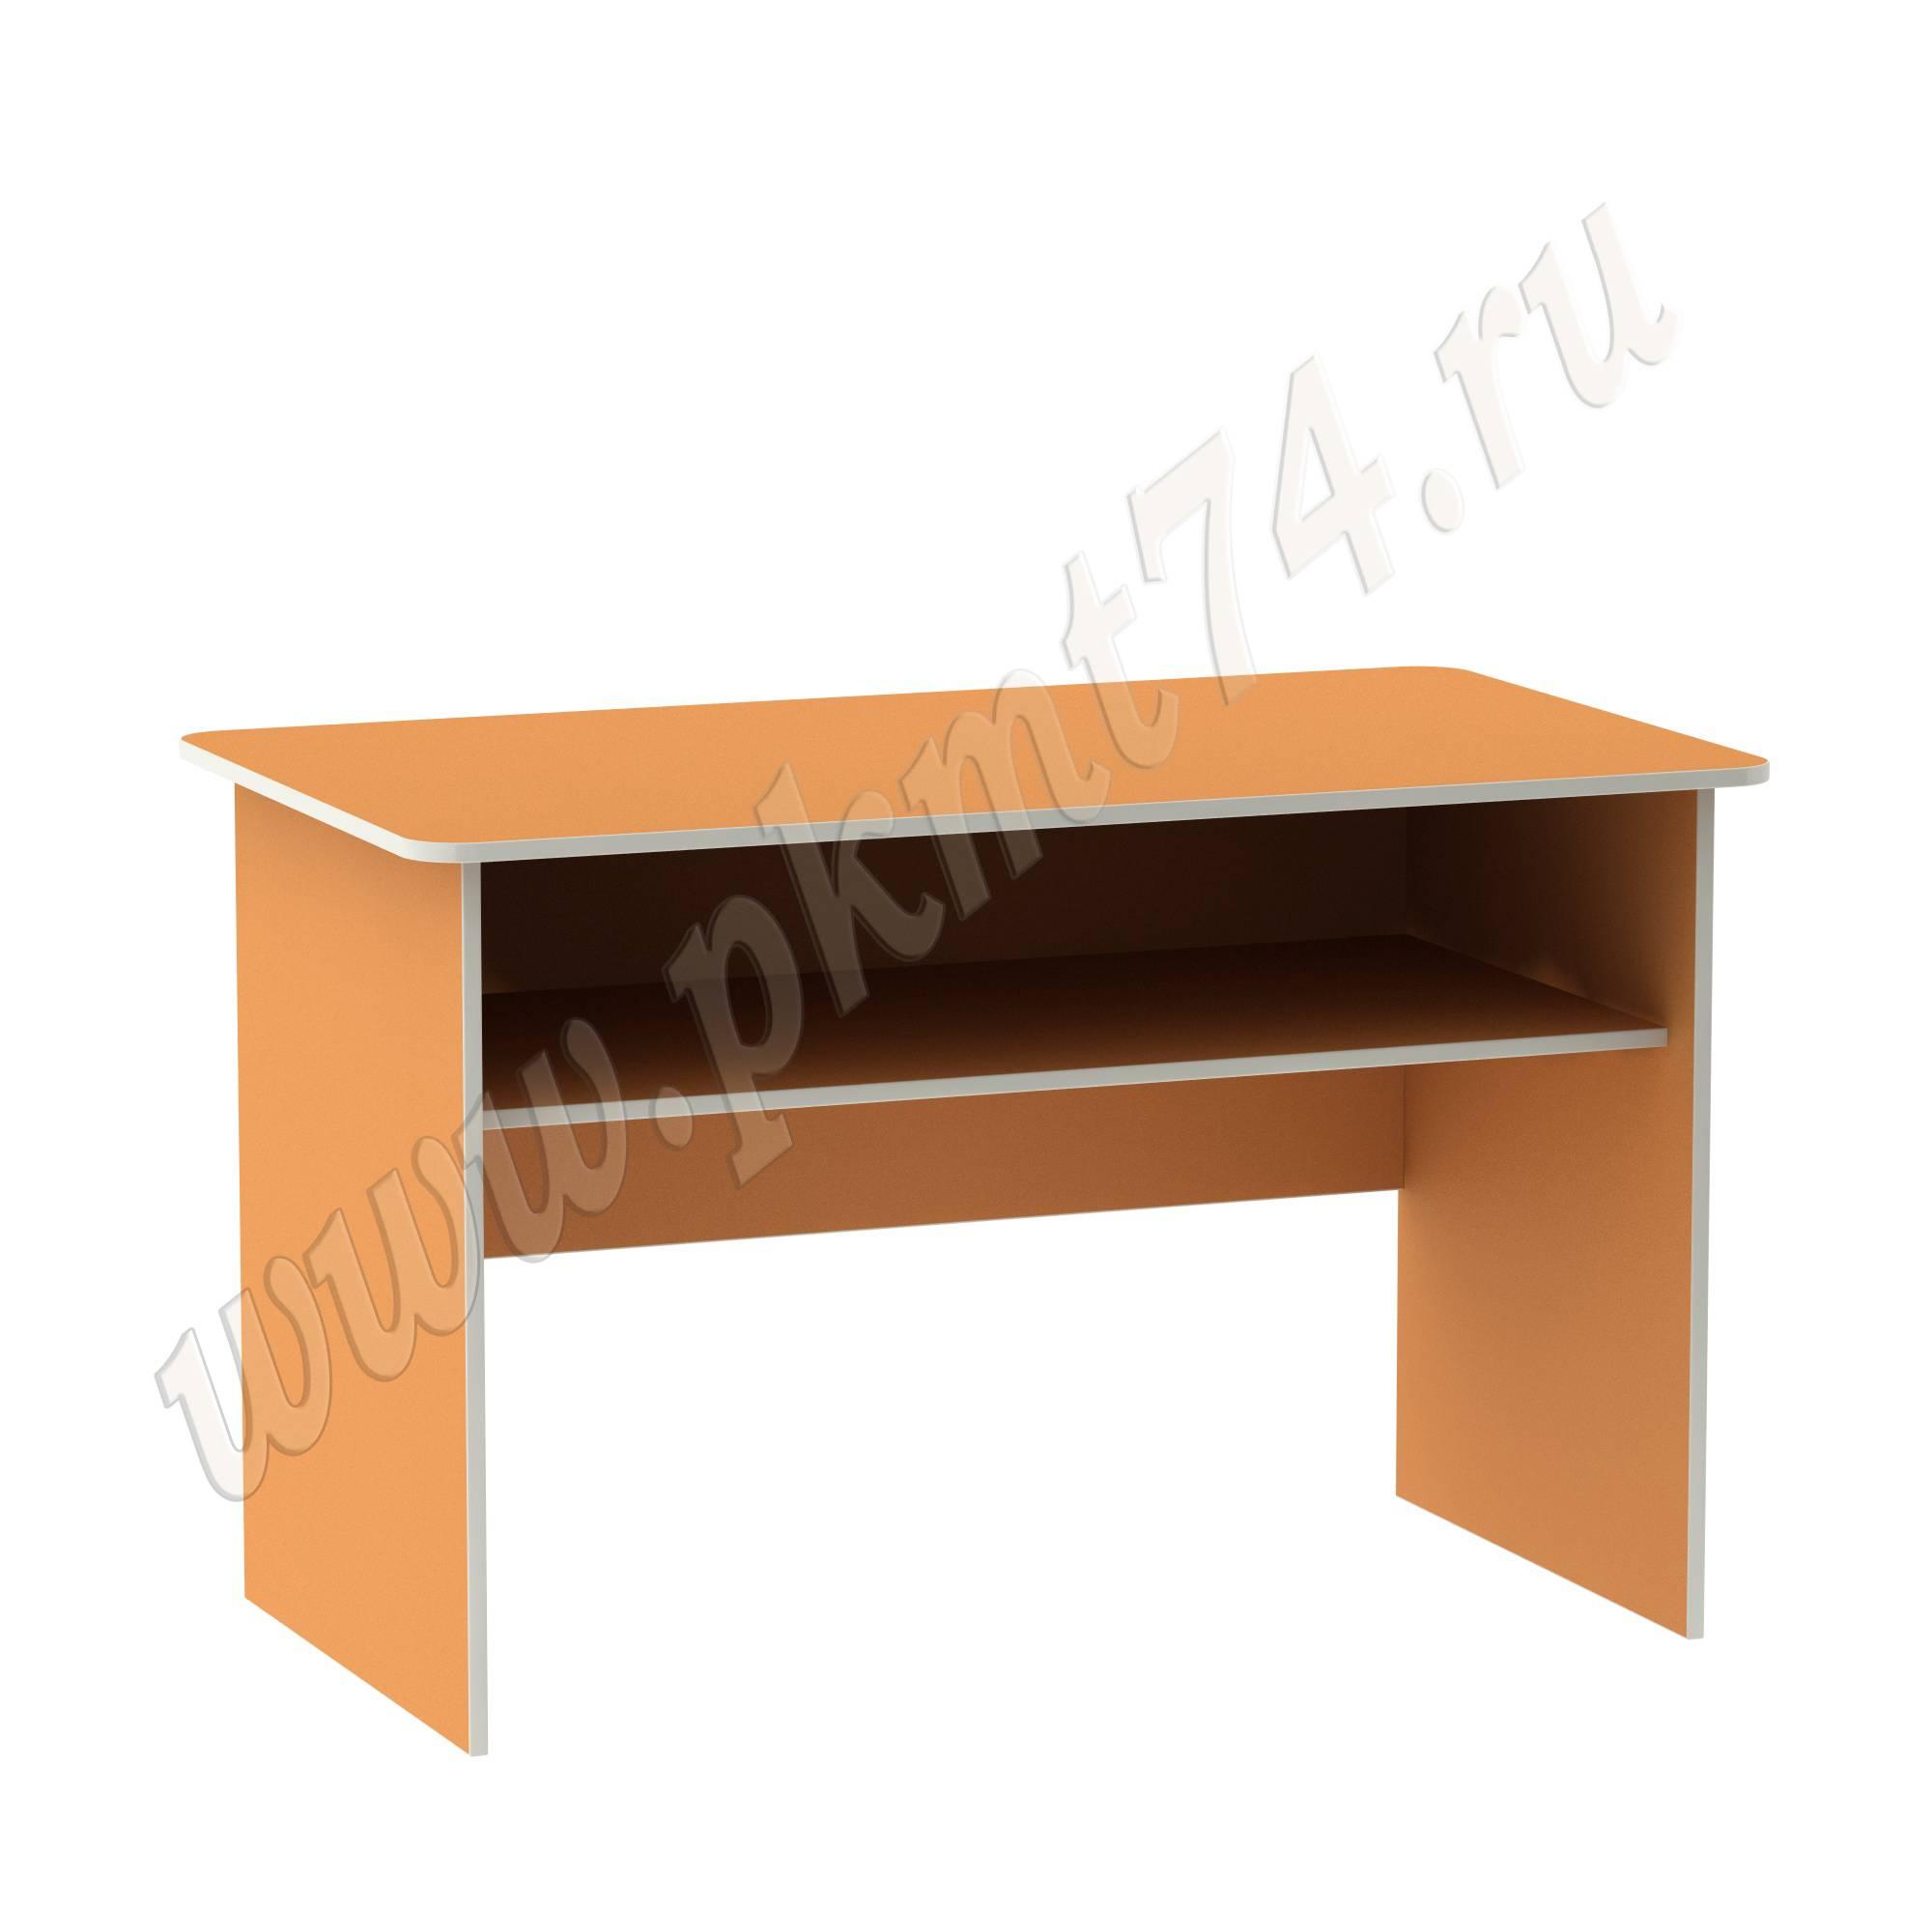 Стол с полкой для воспитателя [Цвет на выбор:: Оранжевый (Манго)]